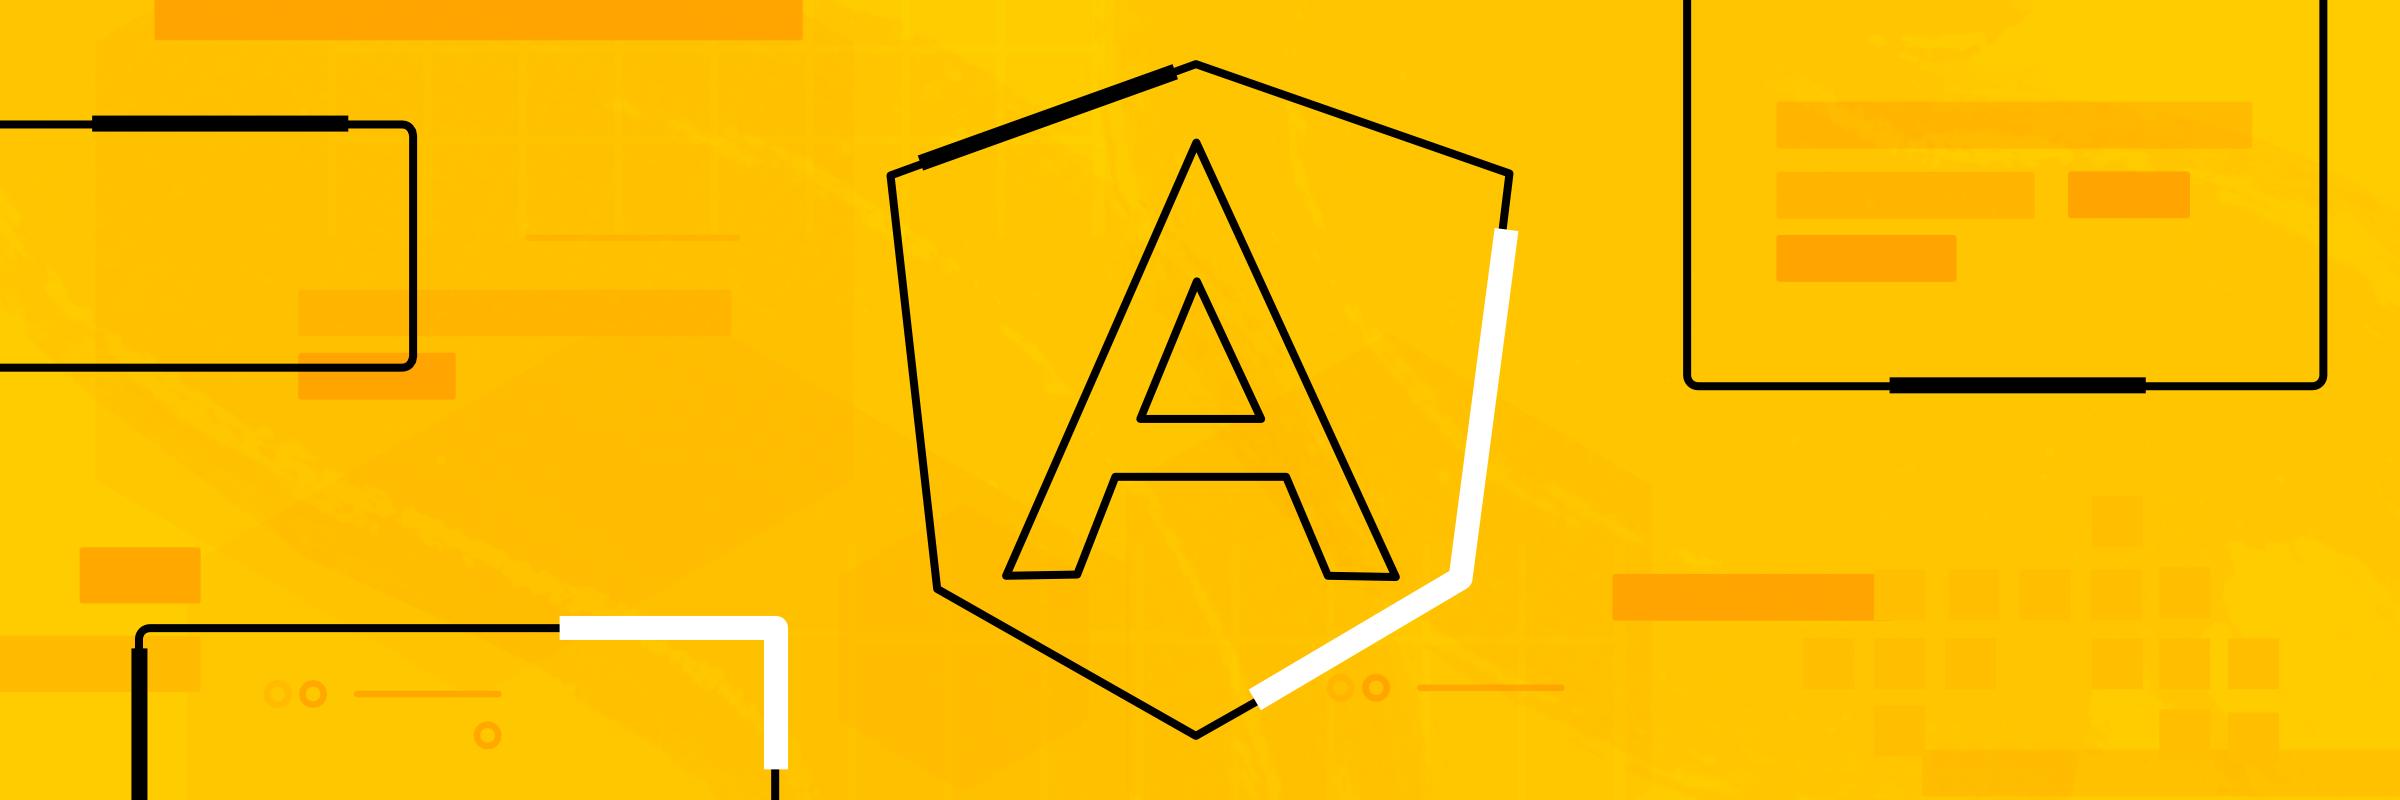 Angular Cheat Sheet for Beginners